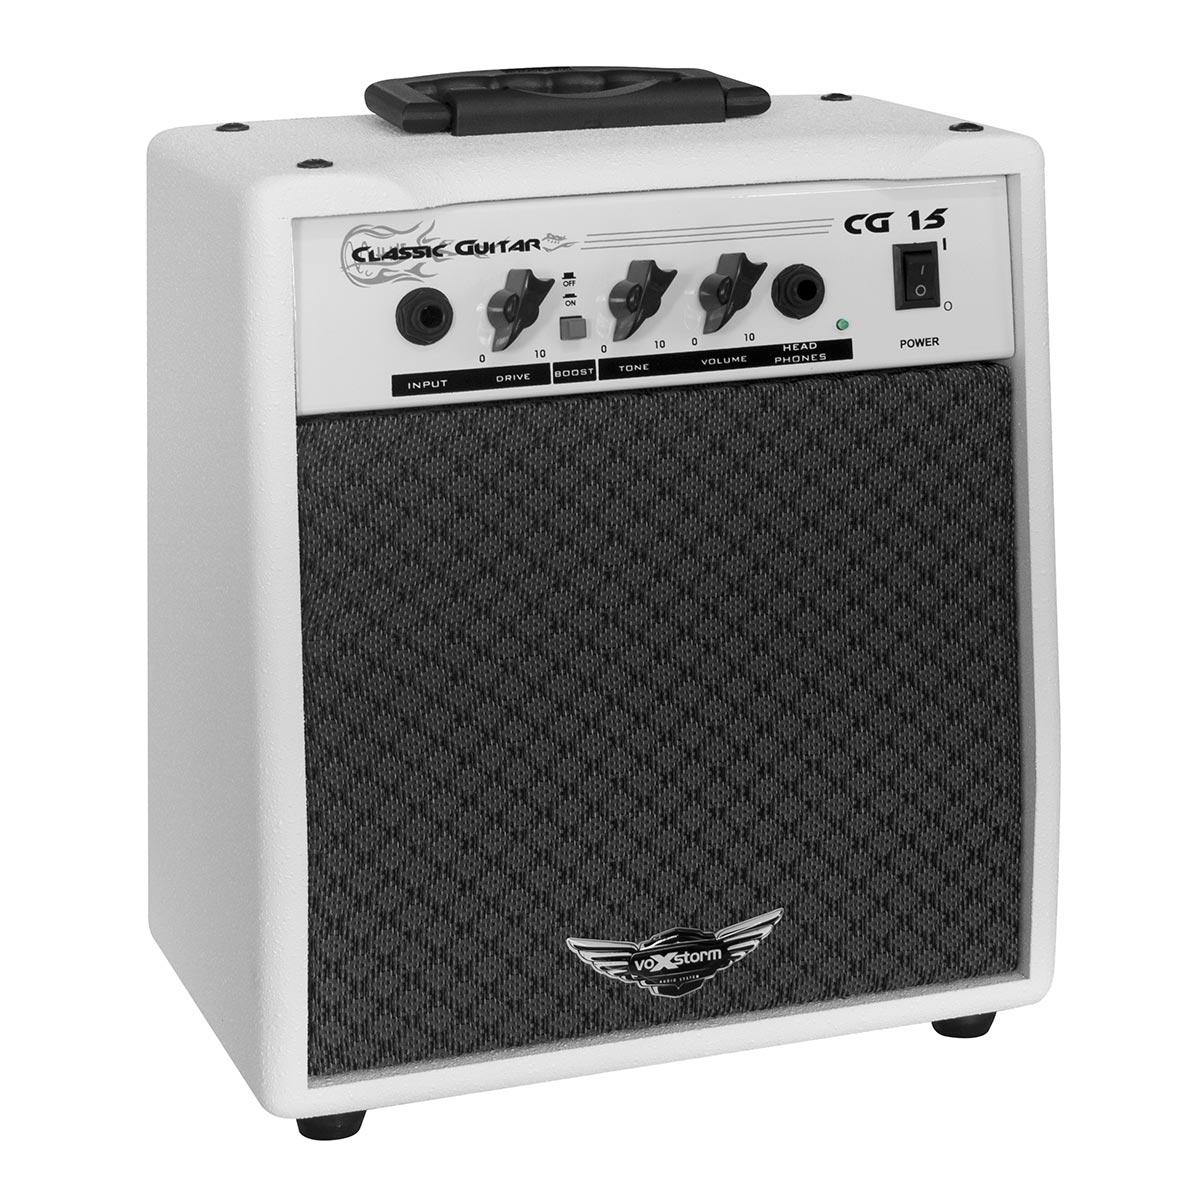 CG15 - Amplificador Combo p/ Guitarra 15W Classic Guitar CG 15 Branco - Voxstorm